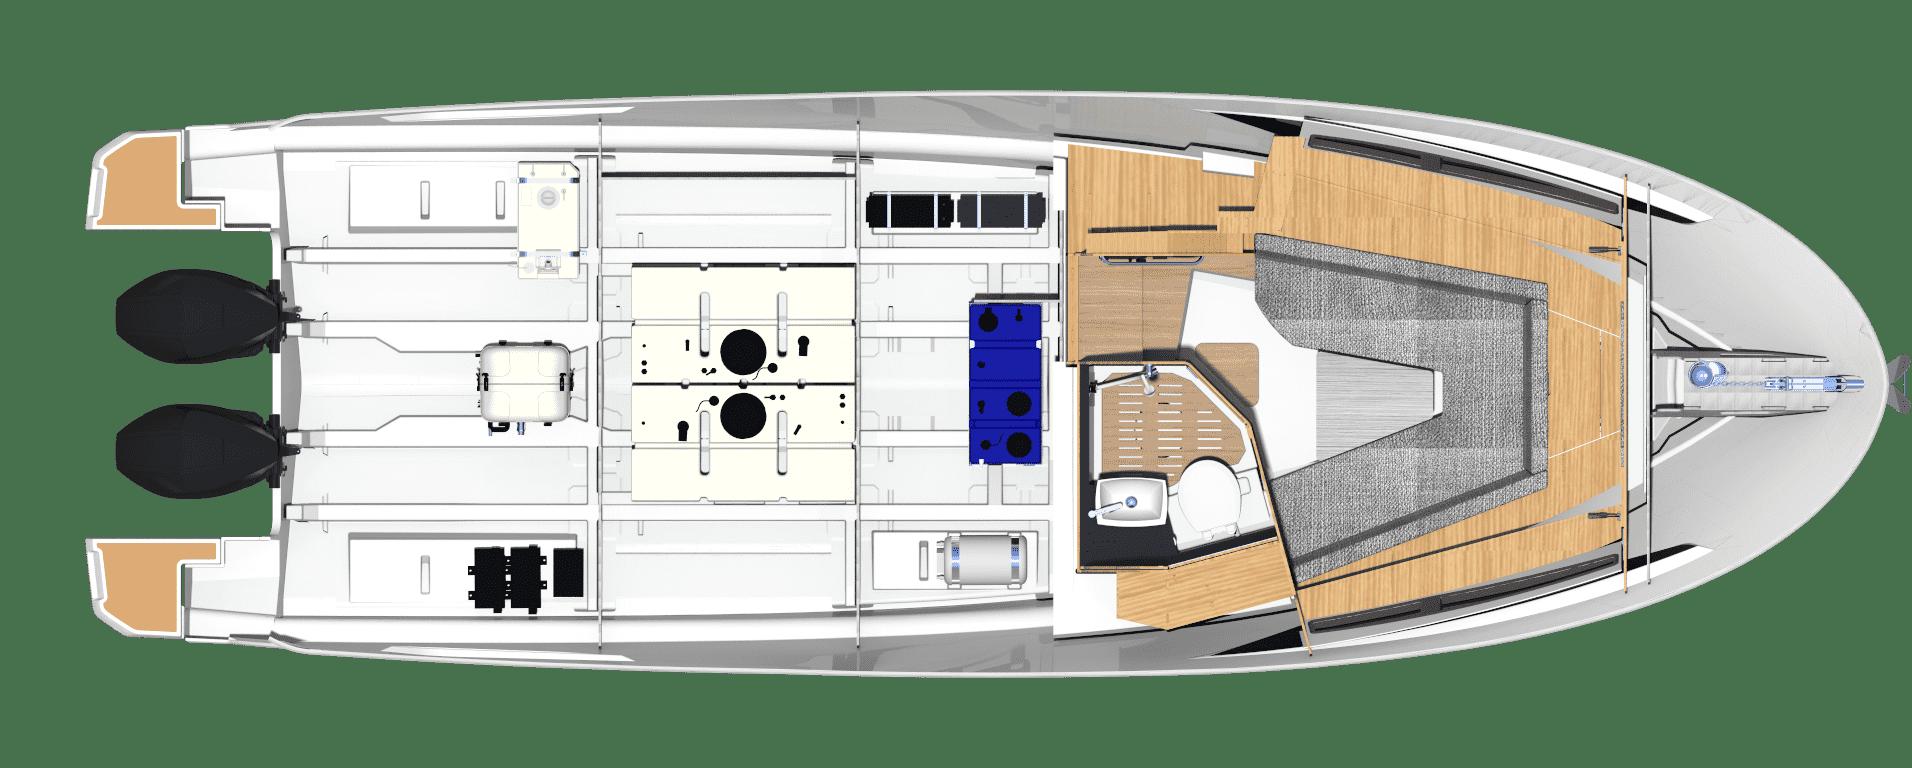 Bavaria Vida 33 layout